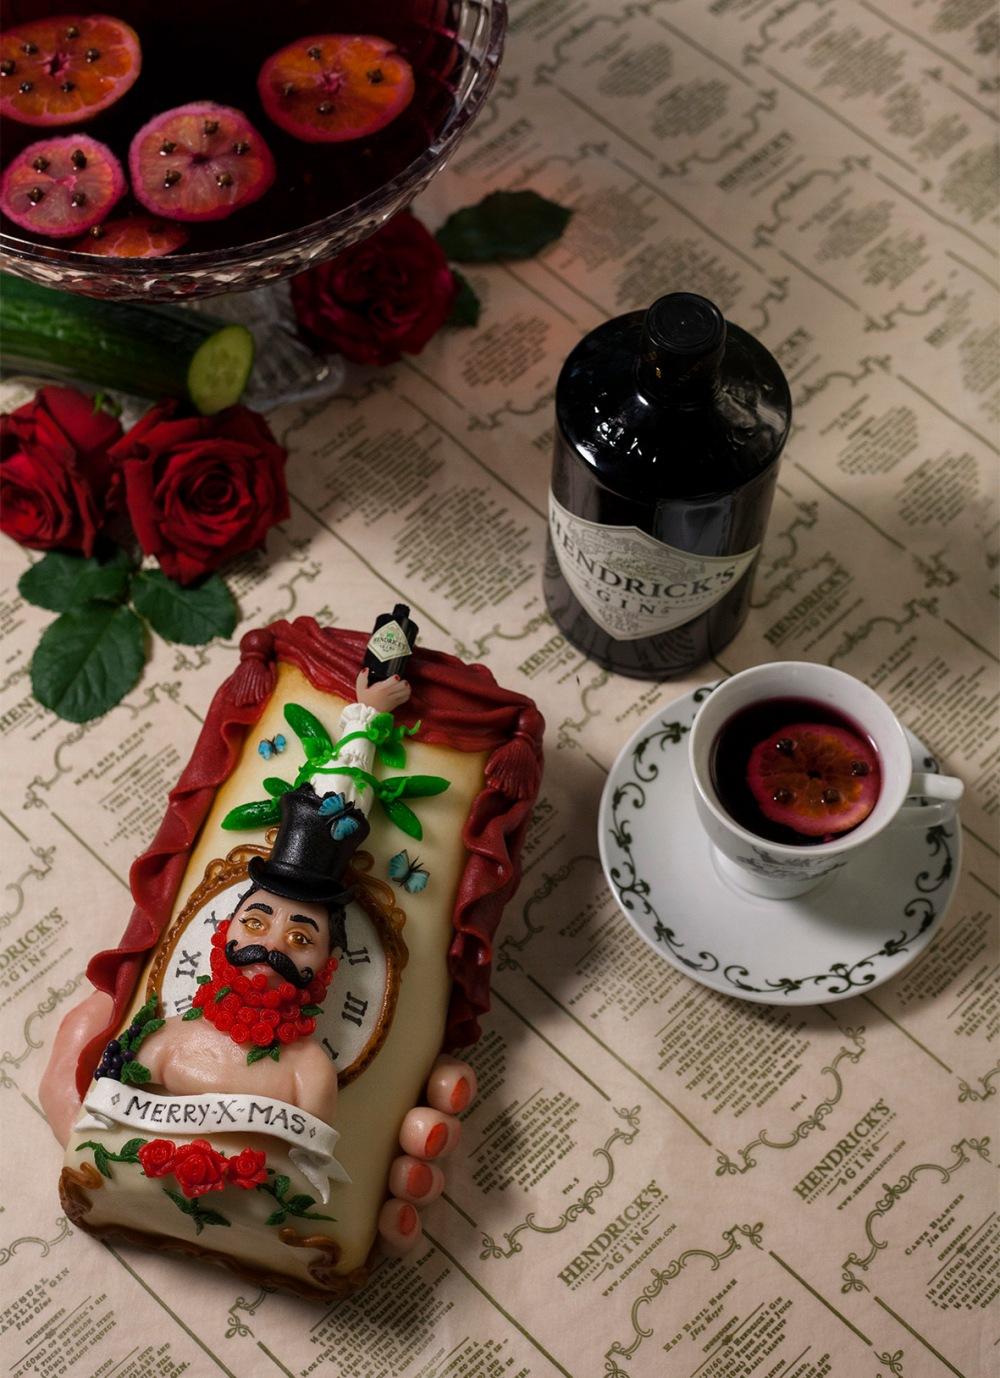 Hendrick's Christmas Cake by Harald Ligtvoet